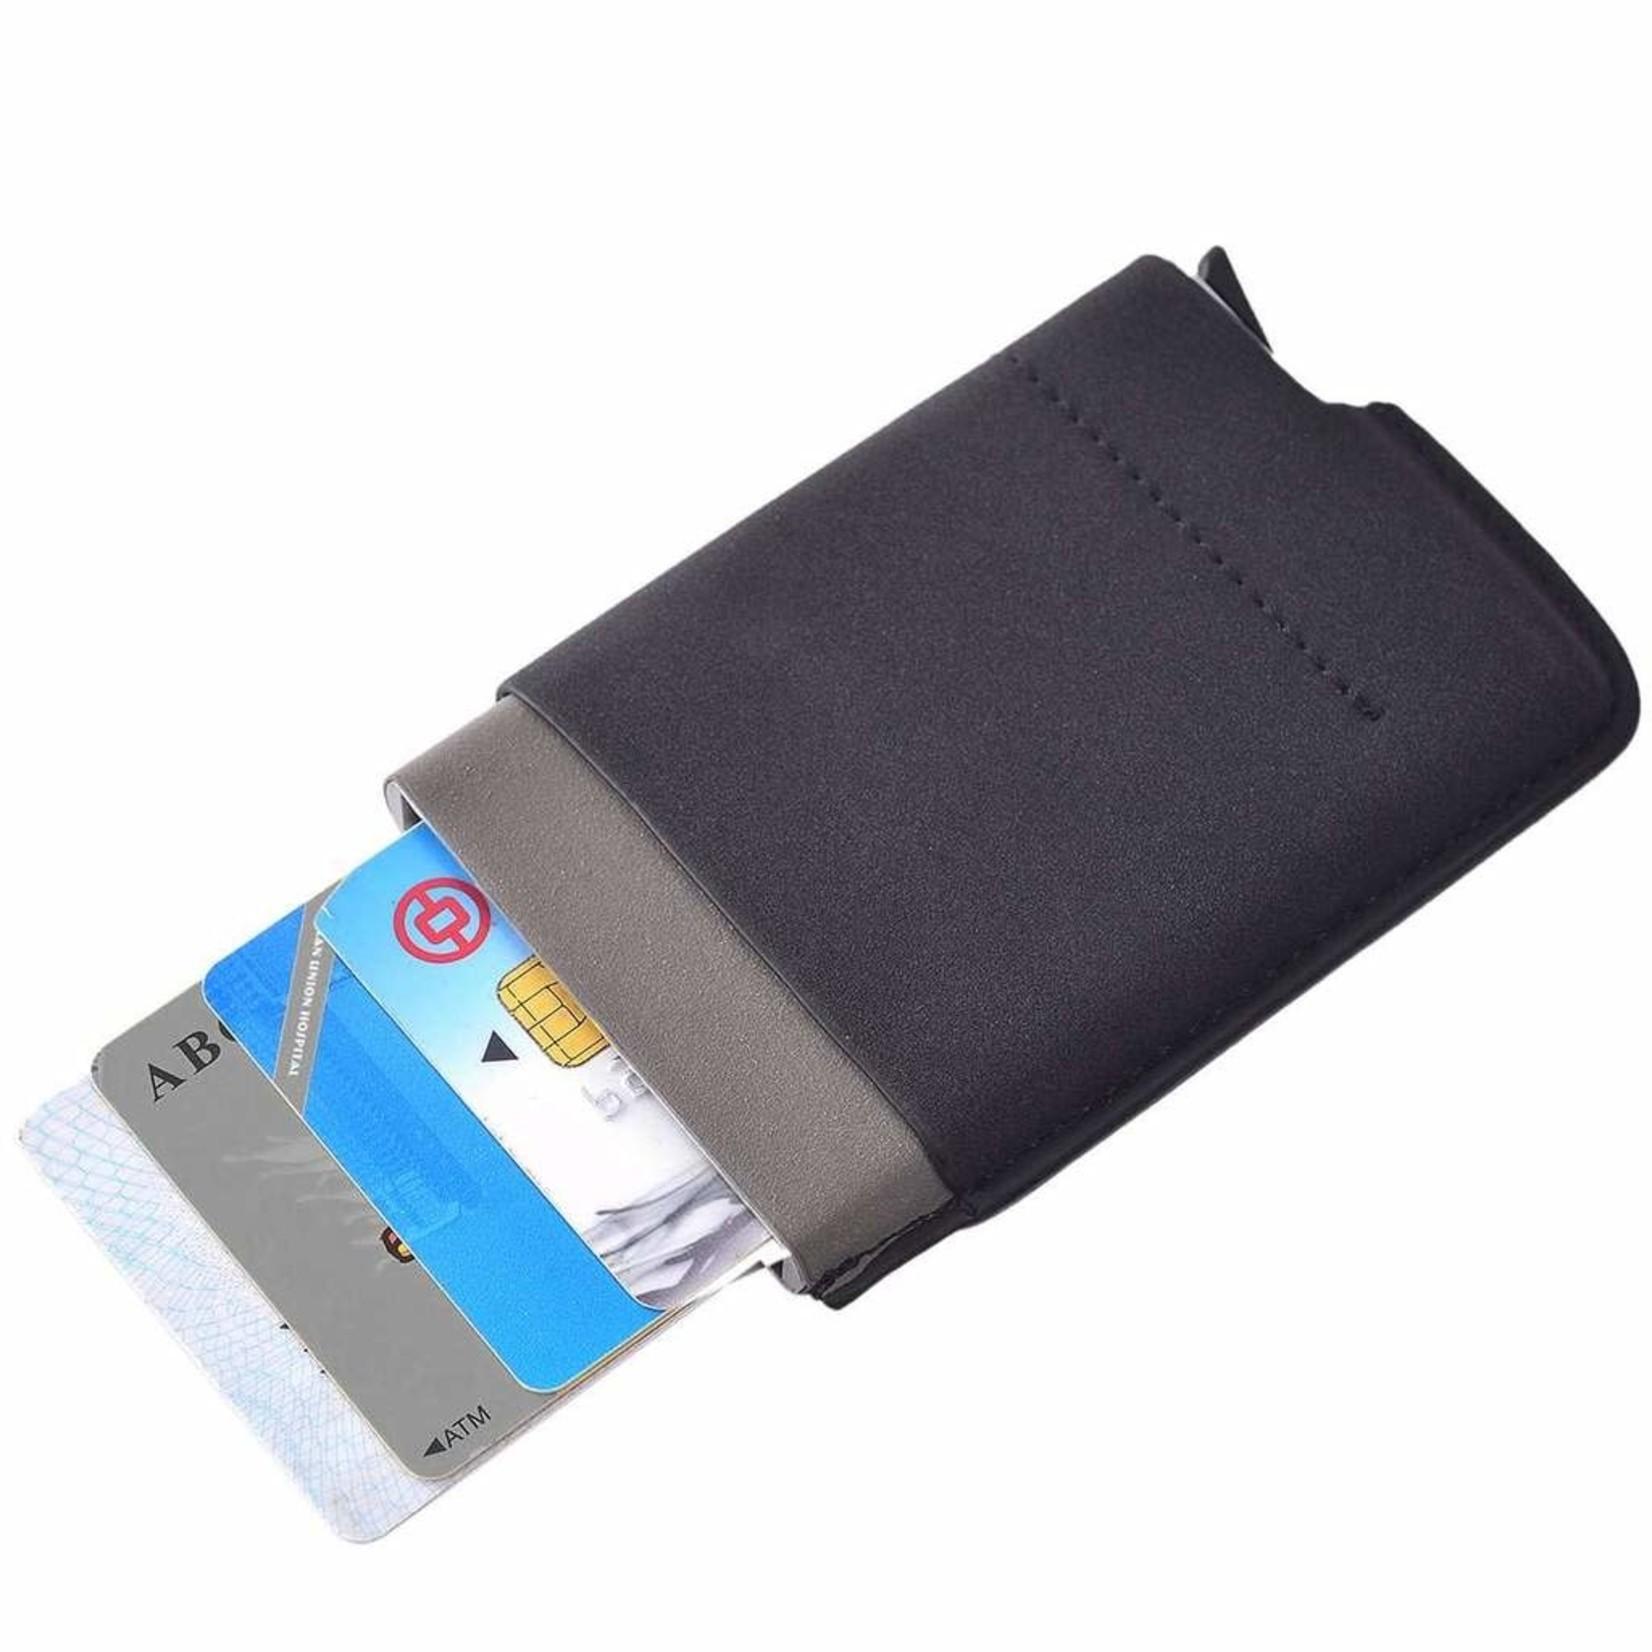 Nicole Brayden Gifts Black Card Blocker RFID Auto Wallet